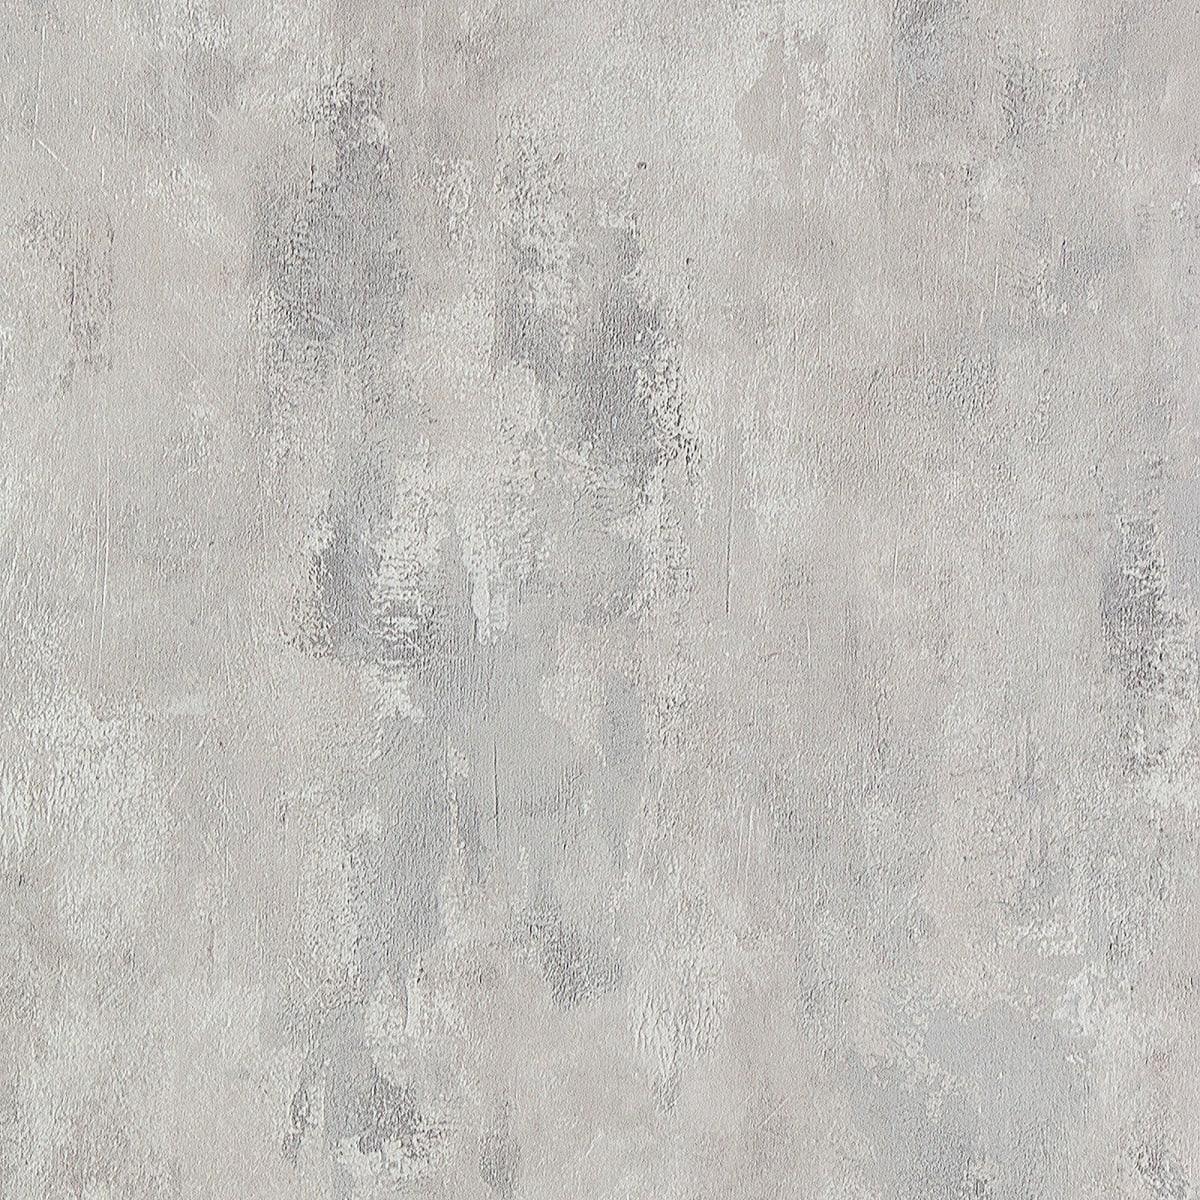 Обои бетона цементный тиксотропный раствор быстрого схватывания